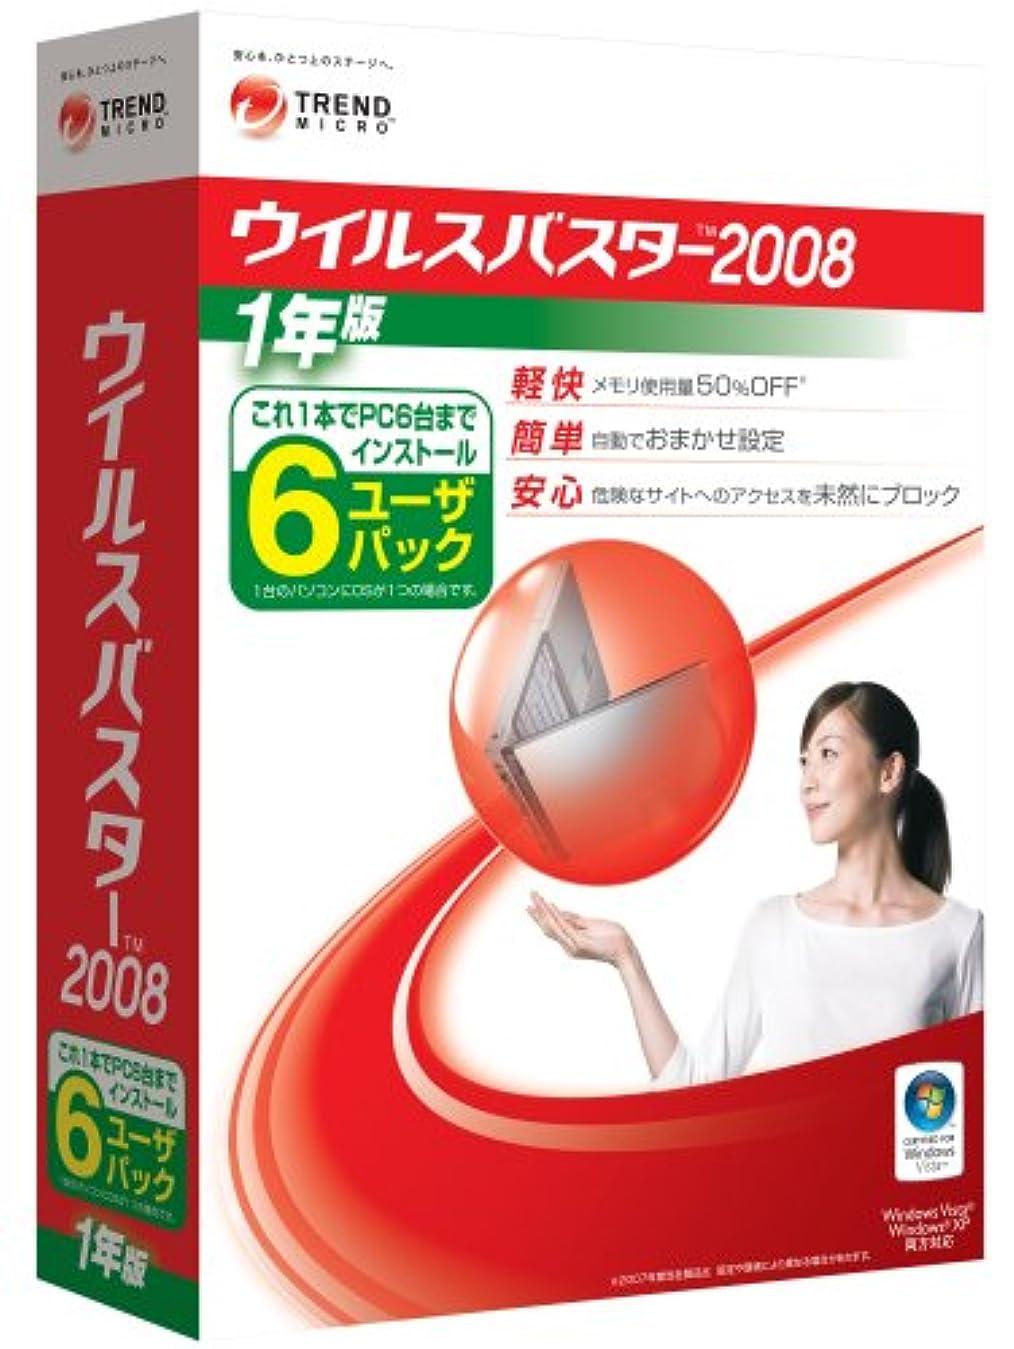 周波数ドキドキ黄ばむウイルスバスター2008 6ユーザーパック SP1対応